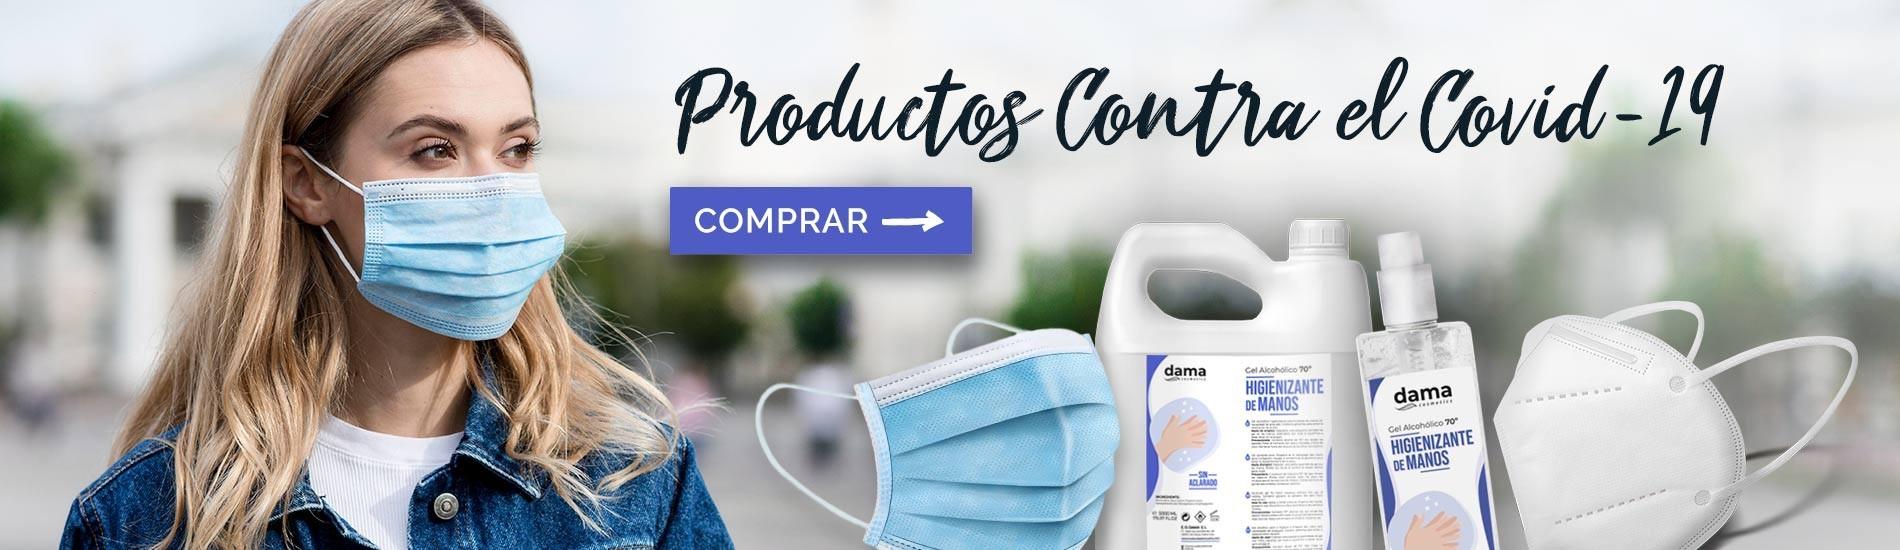 Productos contra el COVID-19